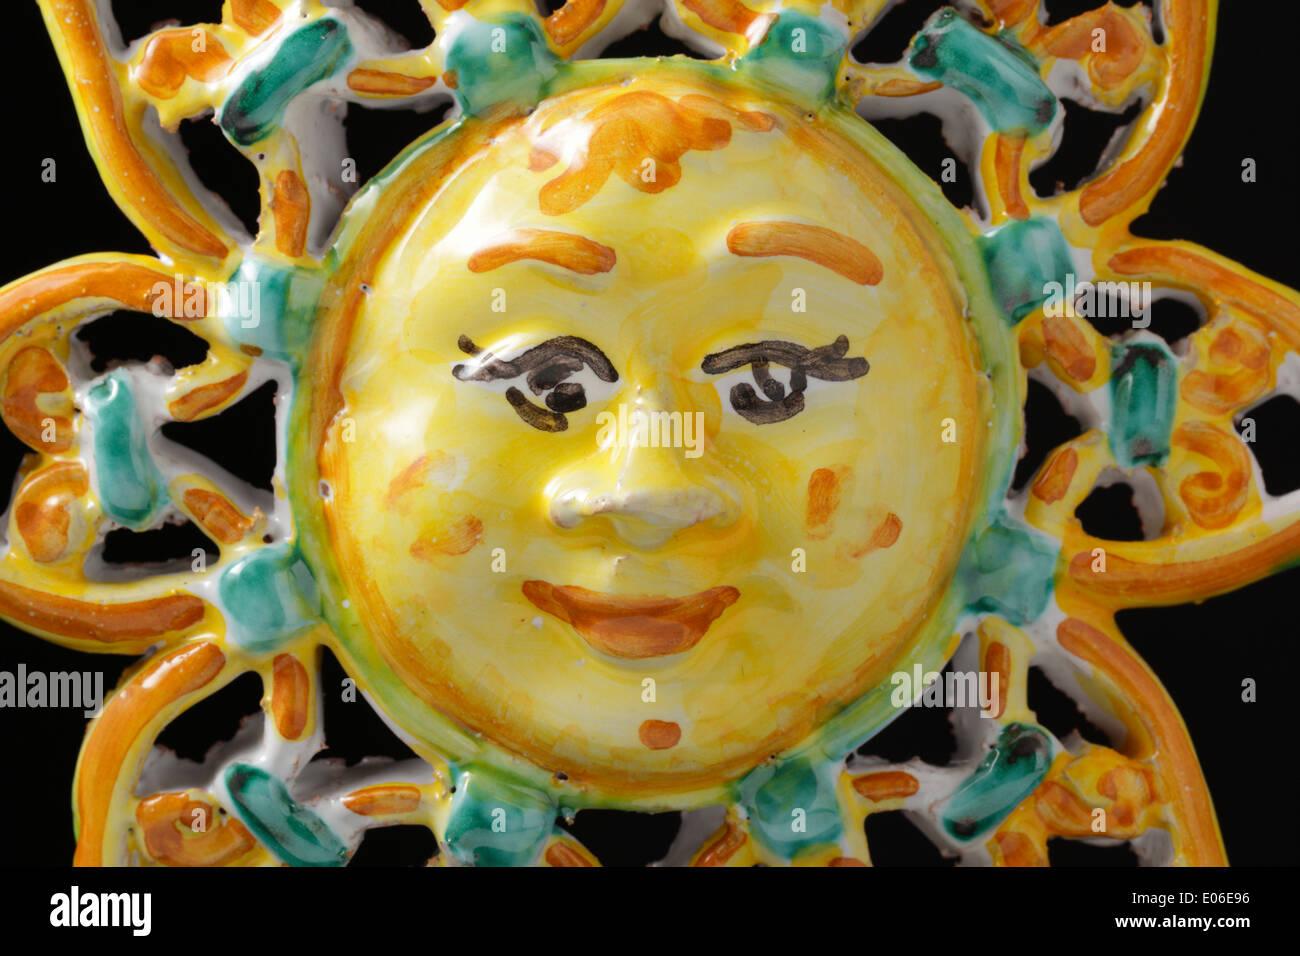 Sun Face Souvenir Stock Photos & Sun Face Souvenir Stock Images - Alamy